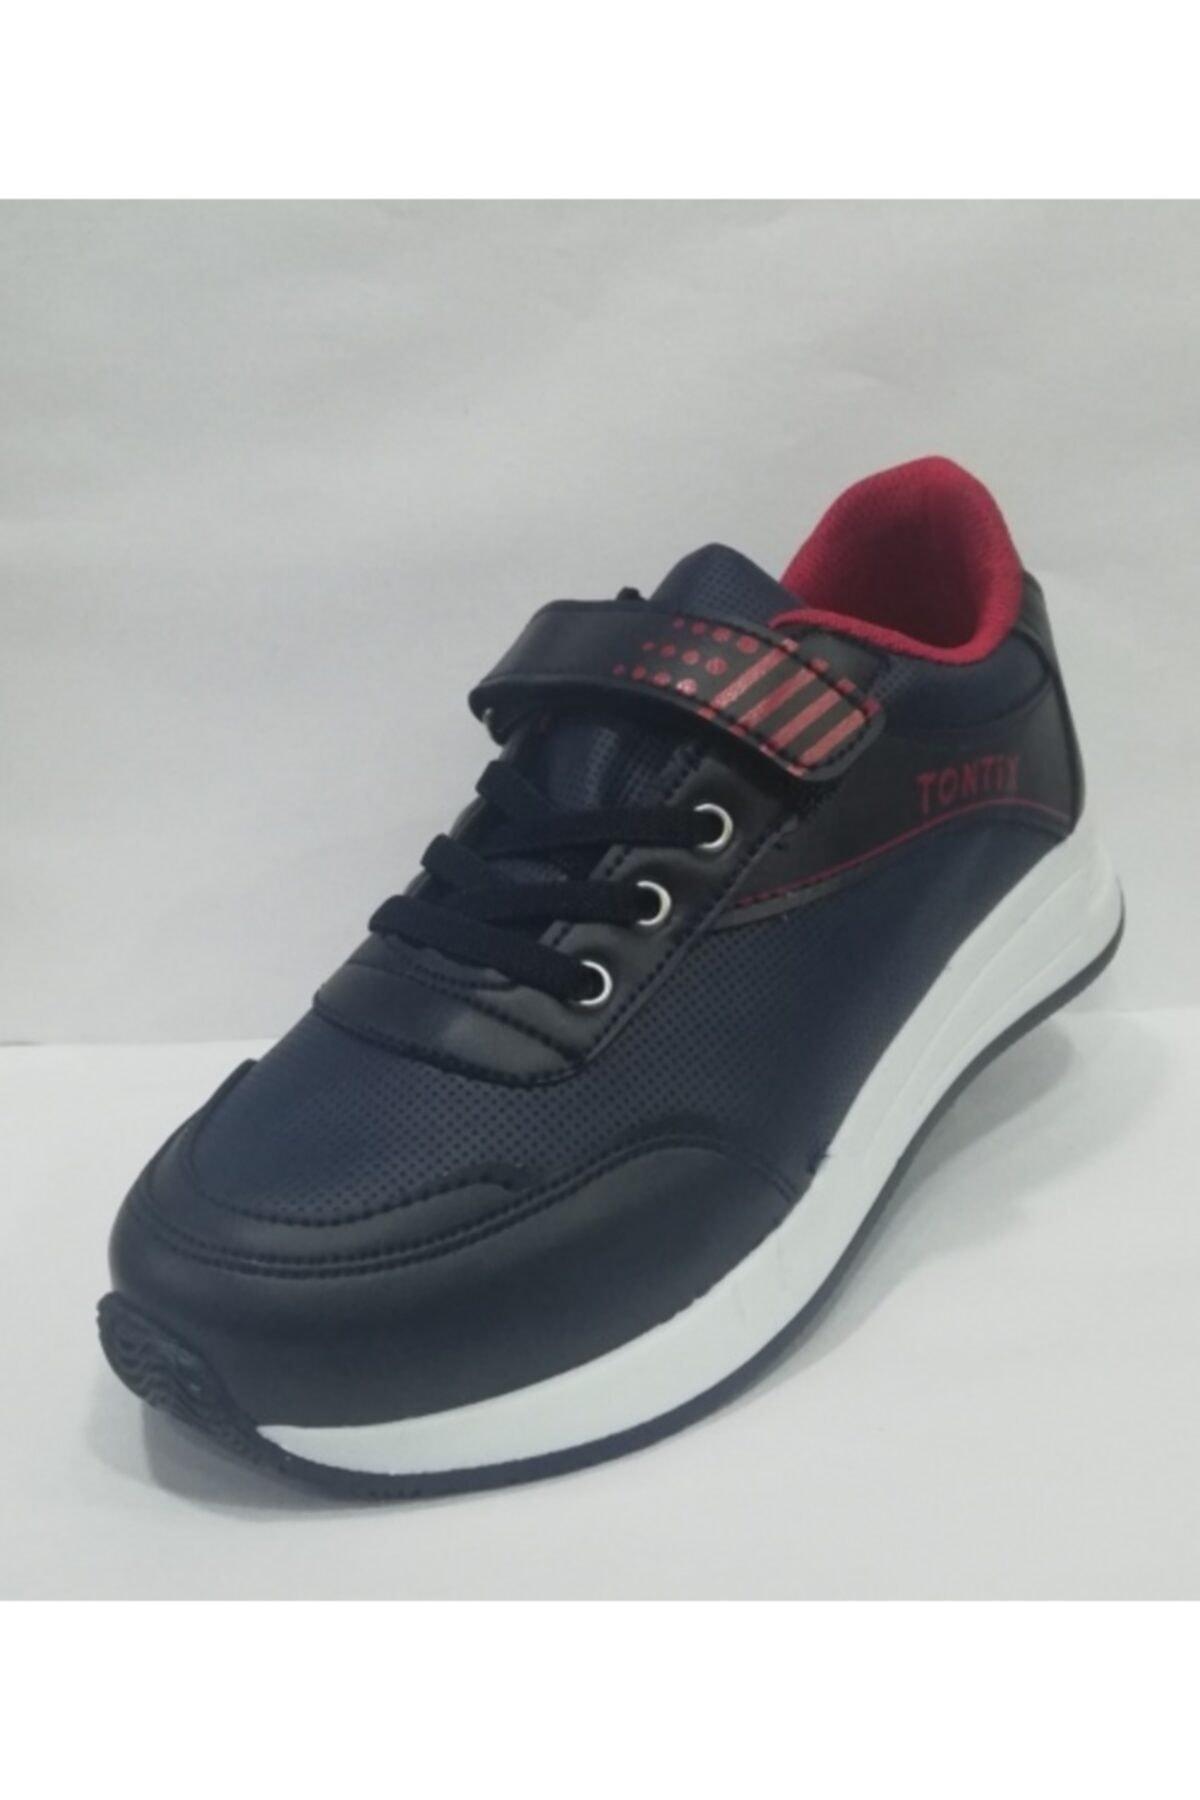 Tontix Çocuk Spor Ayakkabı 1